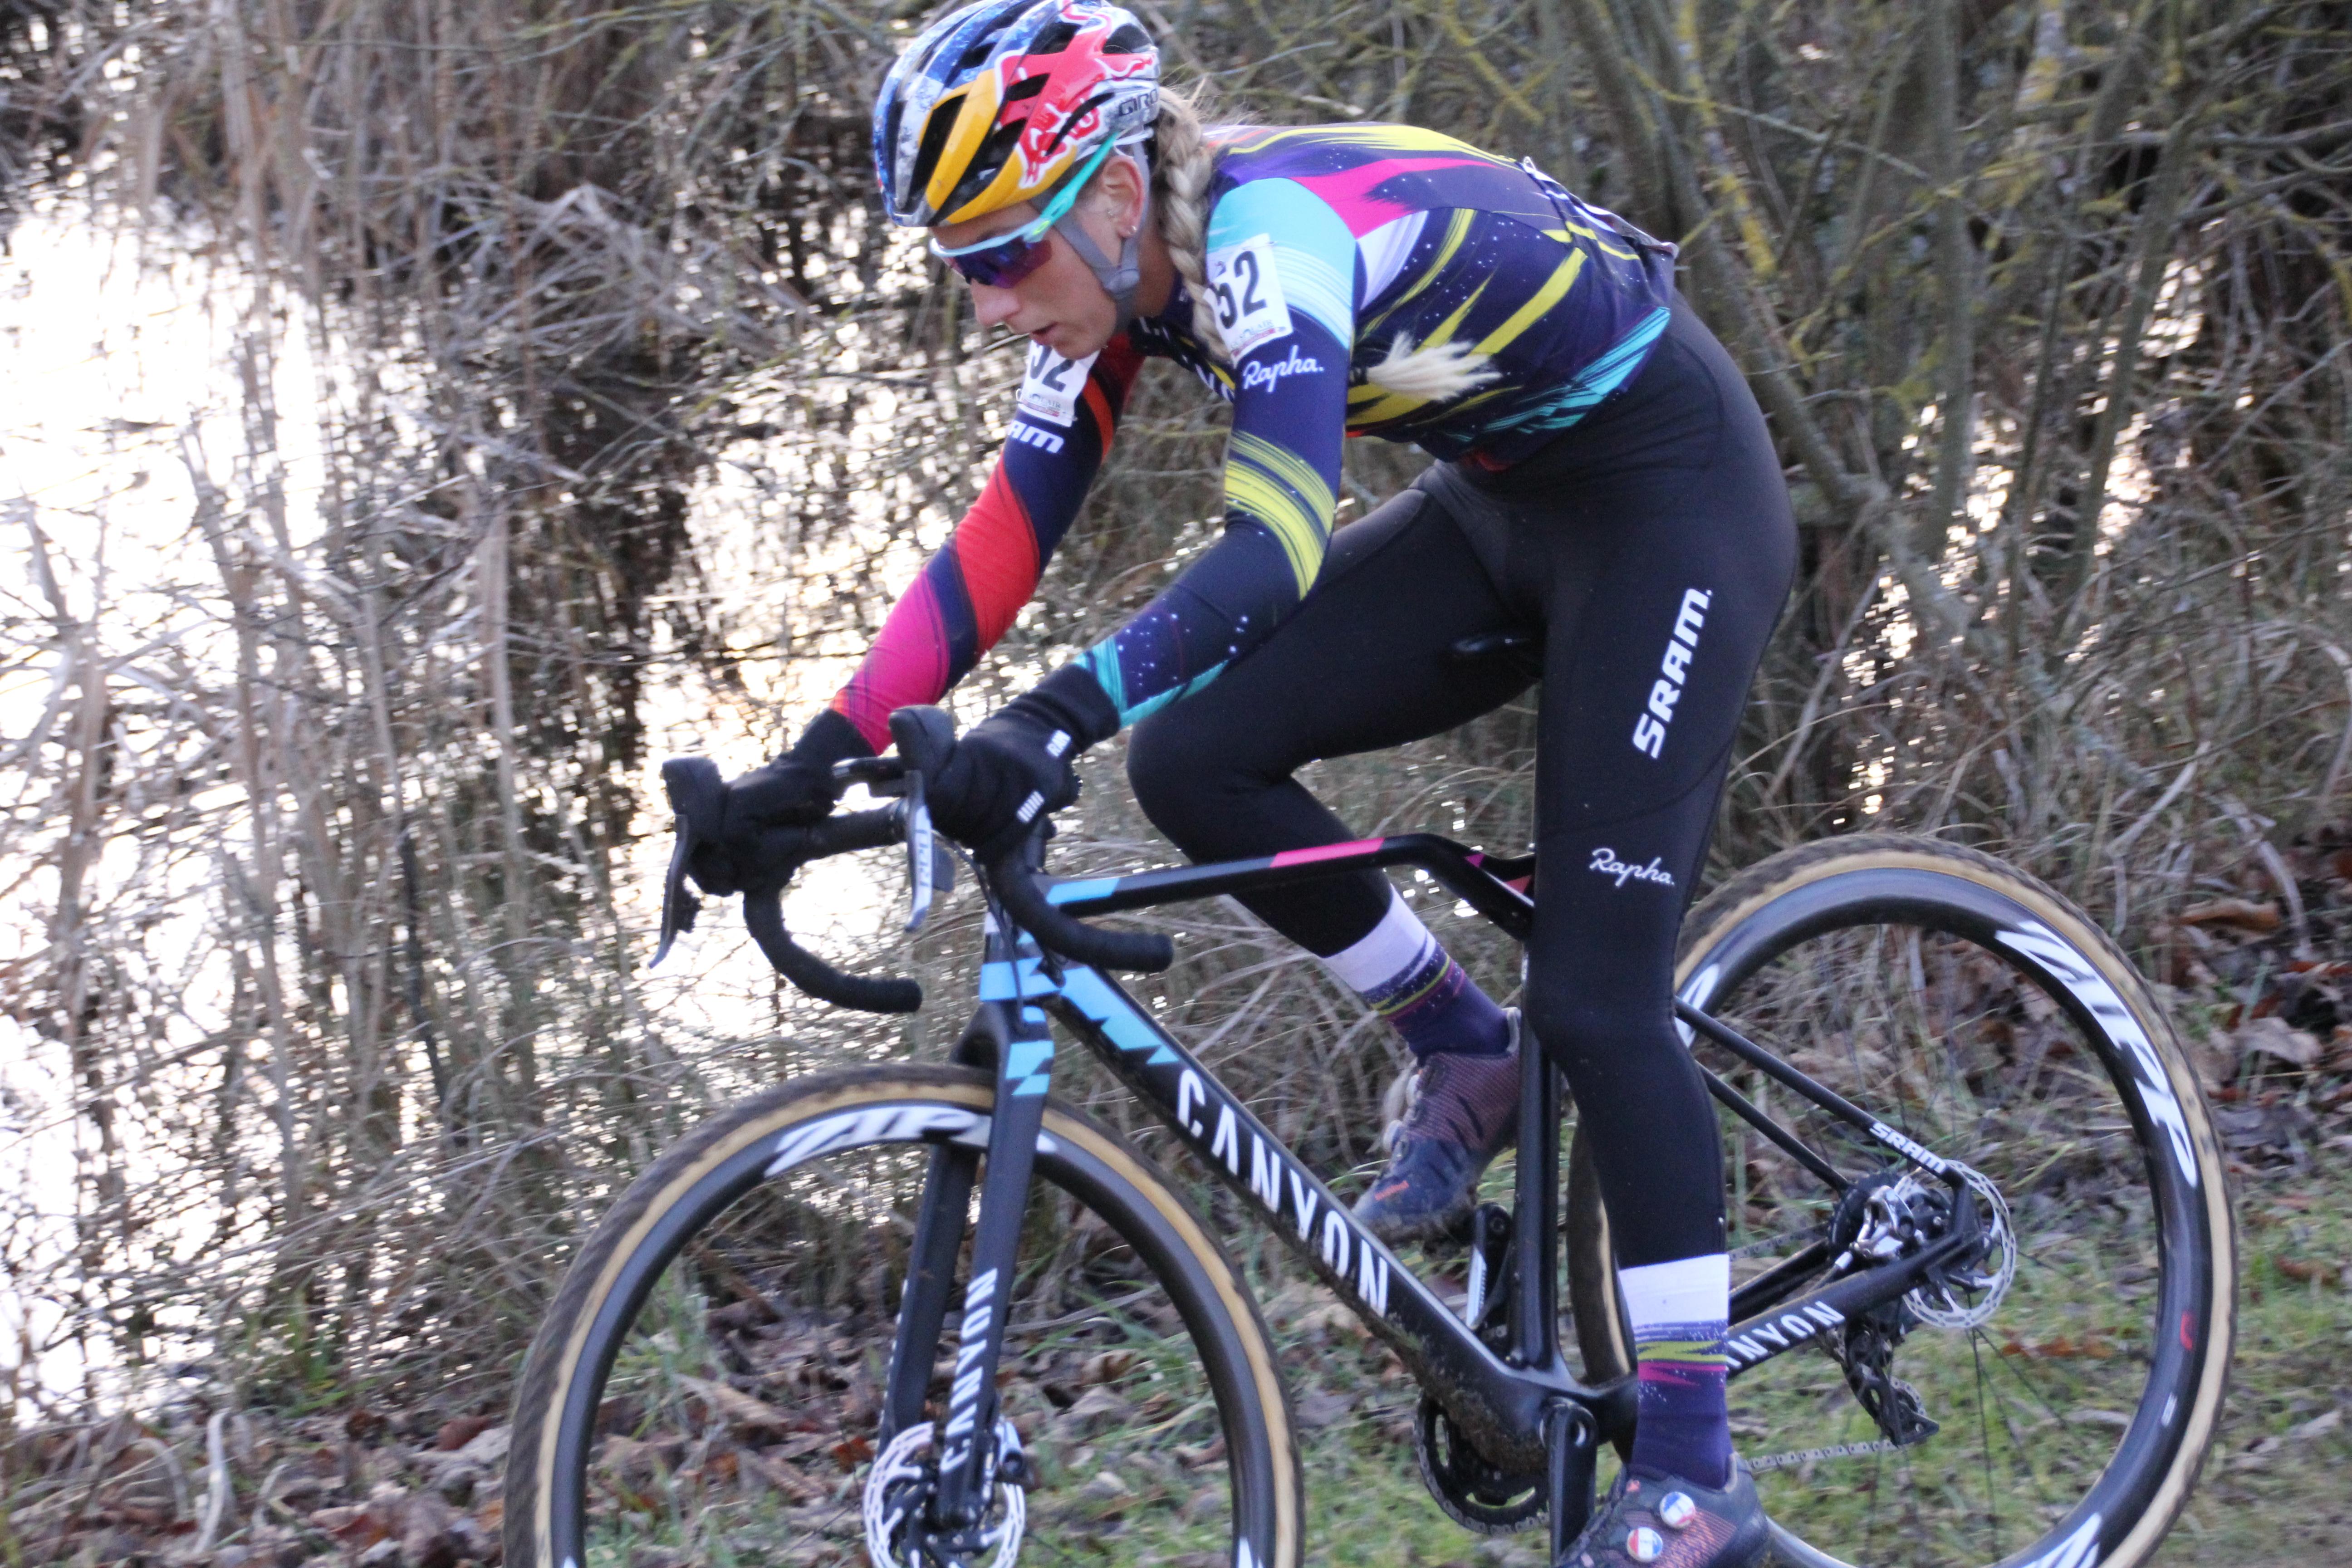 Pauline au pied du podium à Troyes